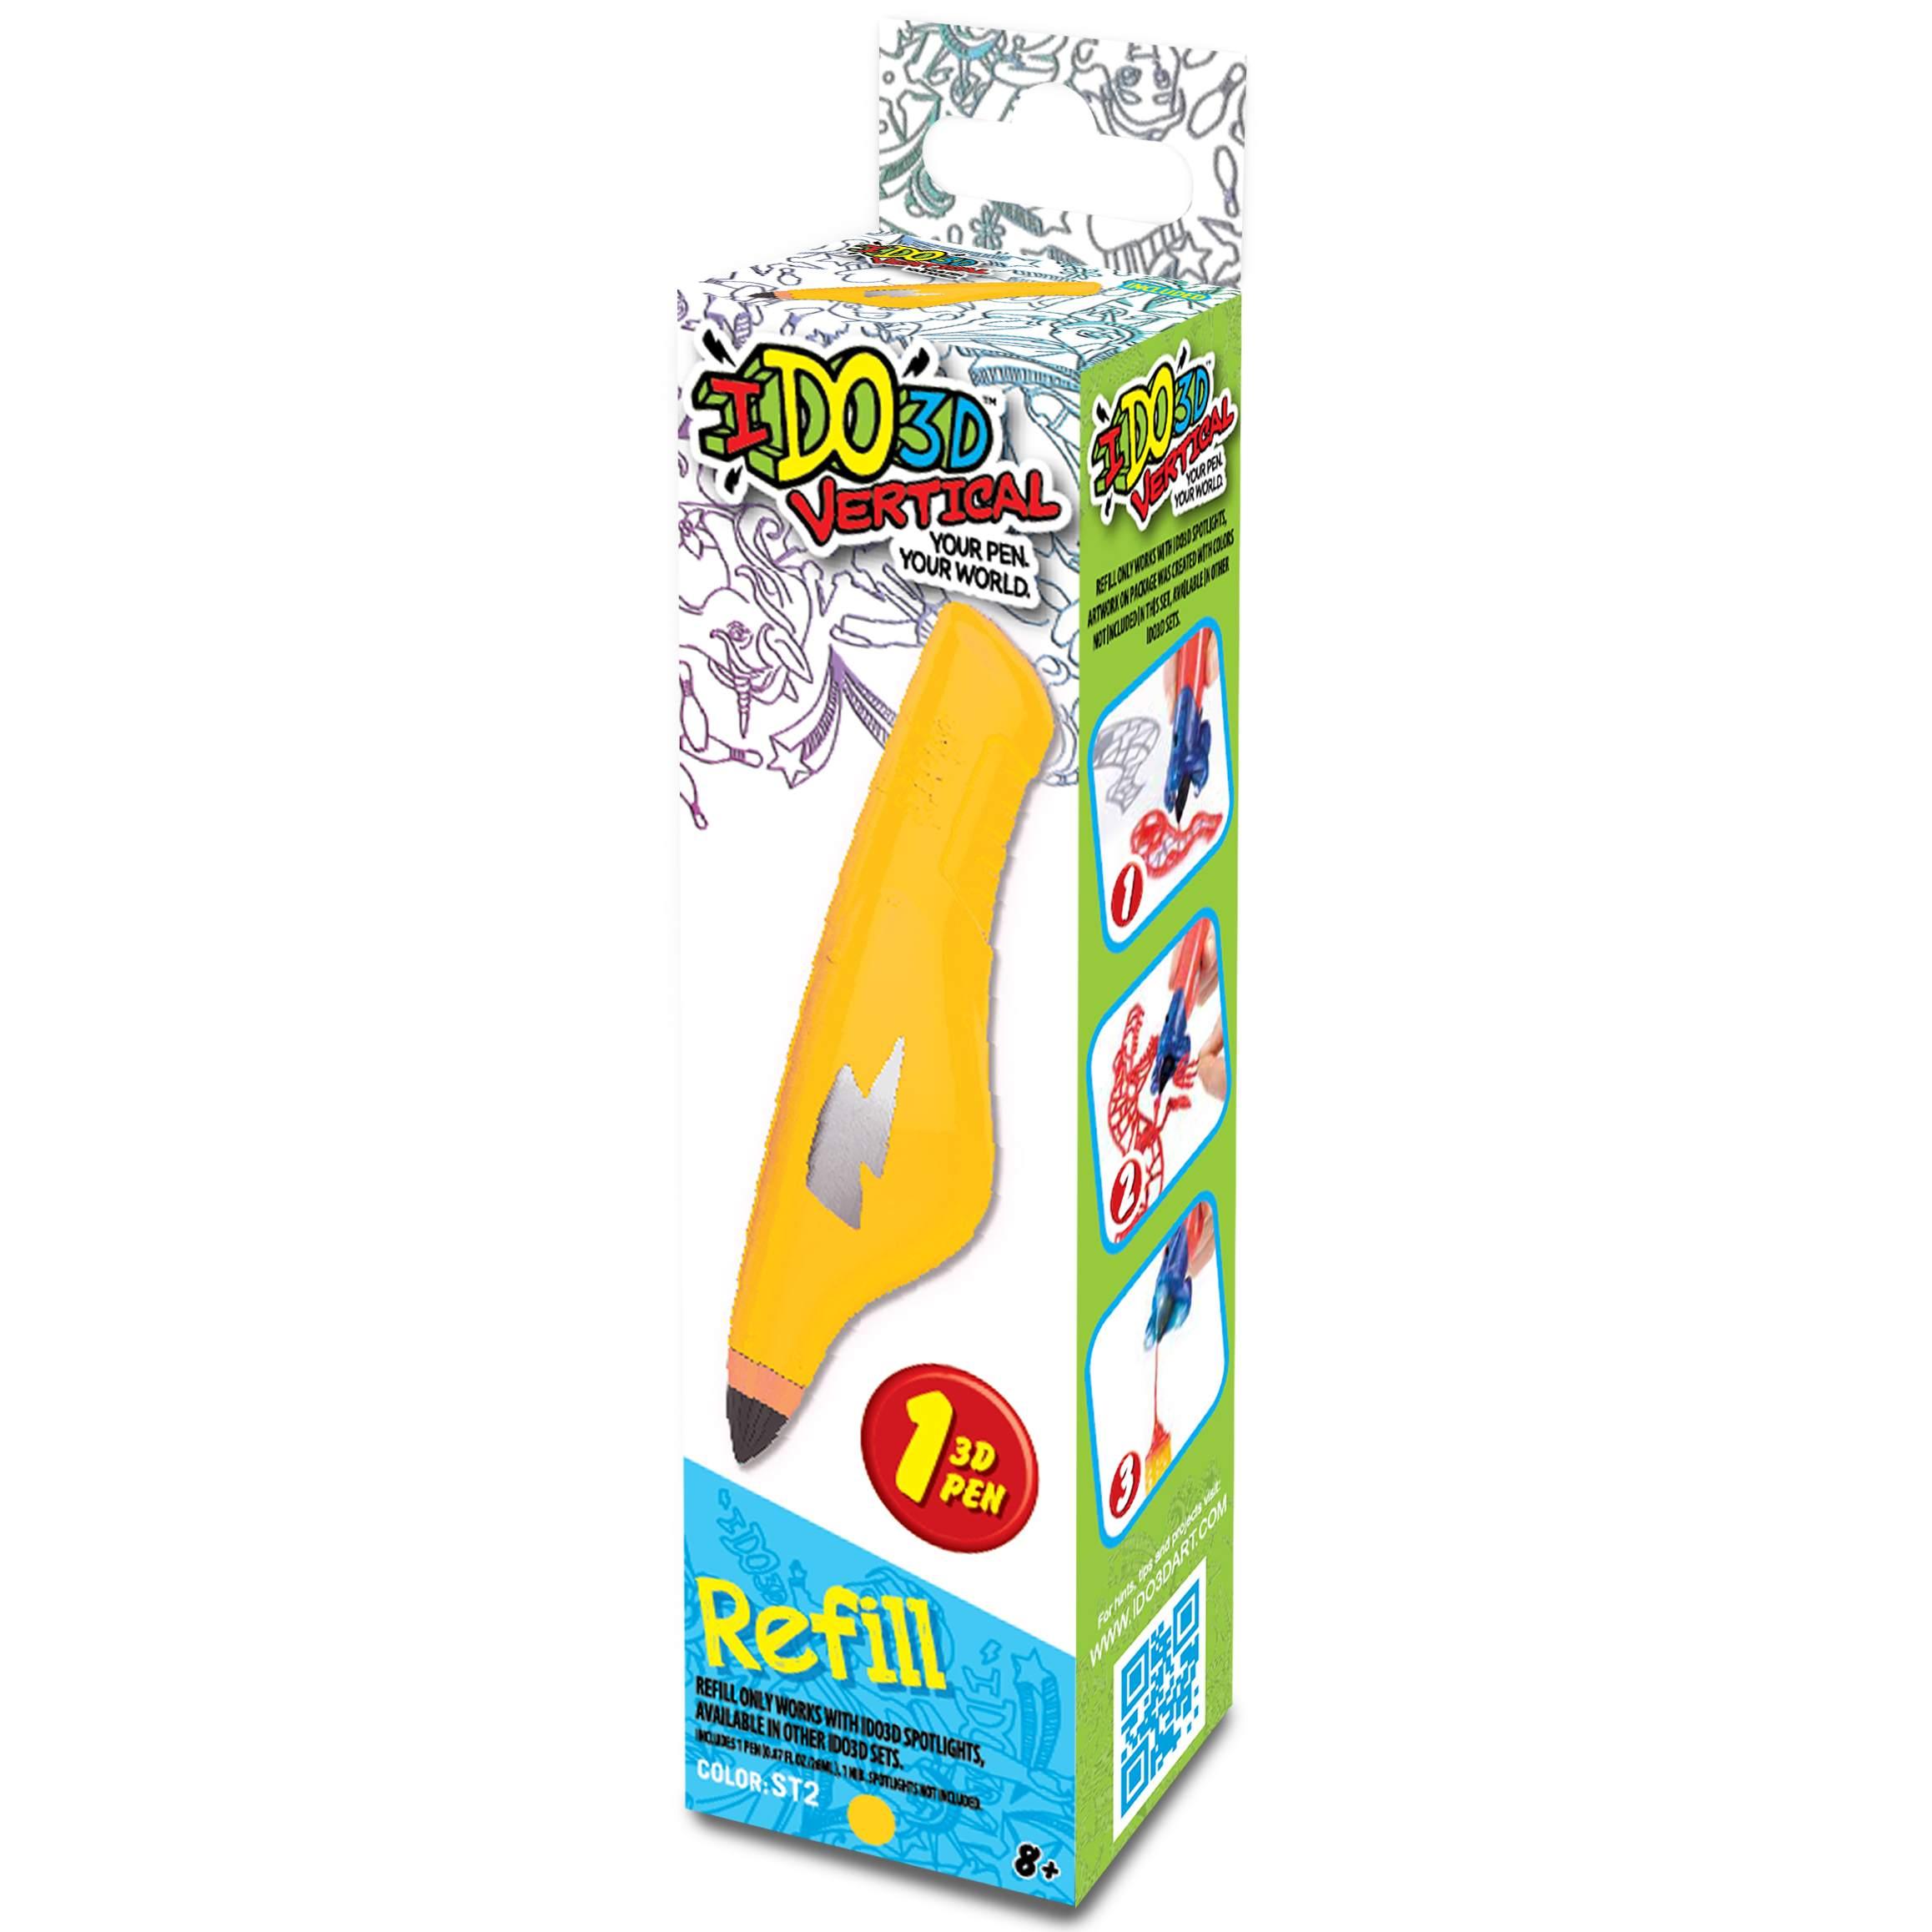 Картридж для 3D ручки Вертикаль, цвет желтыйКартридж для 3D-ручки Вертикаль наполнен жидким полимерным веществом желтого цвета. При использовании картриджа необходимо также помнить о том, что 3D-чернила затвердевают, когда на них светит ультрафиолет. У ручек Вертикаль в комплекте имеется соответствующий фонарик. Создатель объемных изображений должен учитывать тот факт, что толщина готовых линий напрямую зависит от силы сдавливания картриджа. 3D-ручка и световая насадка не входят в комплект, они приобретаются отдельно.<br>